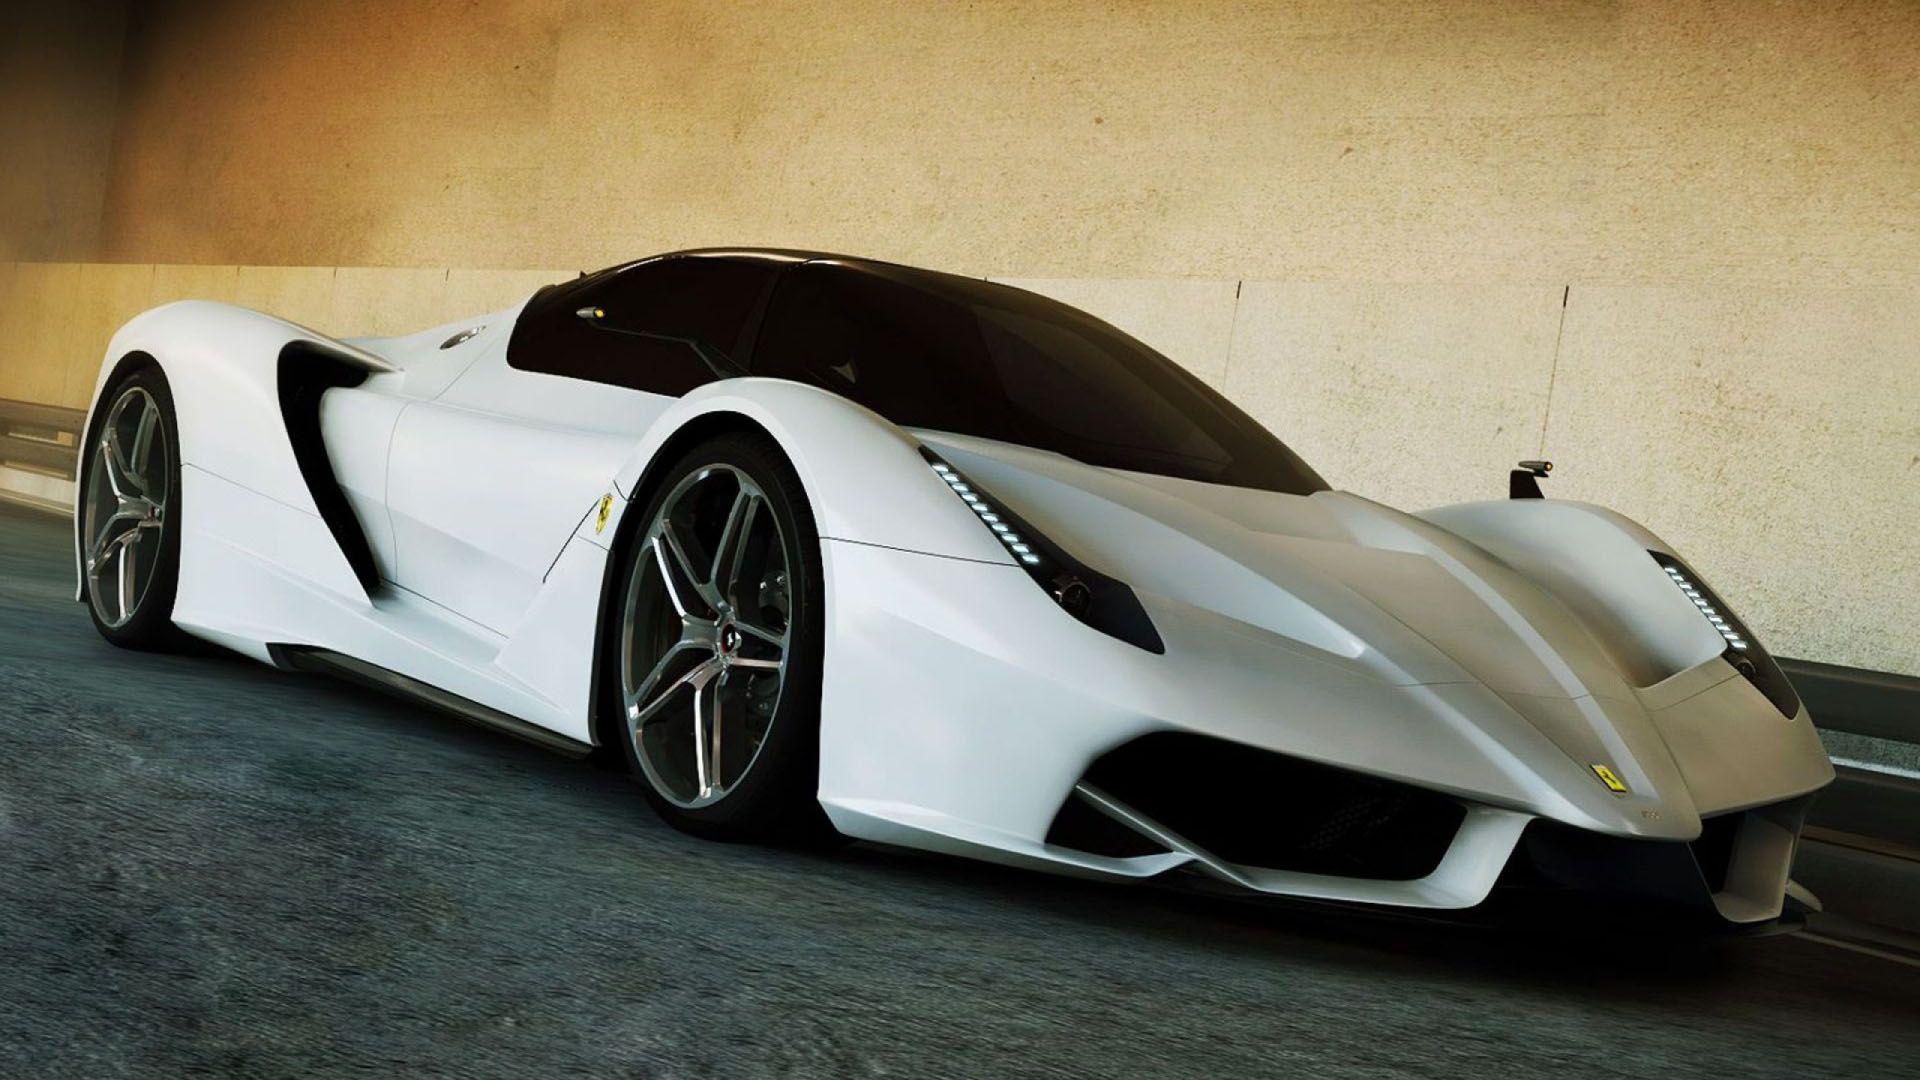 Ferrari Laferrari White Autos Deportivos Autos Autos Lujosos